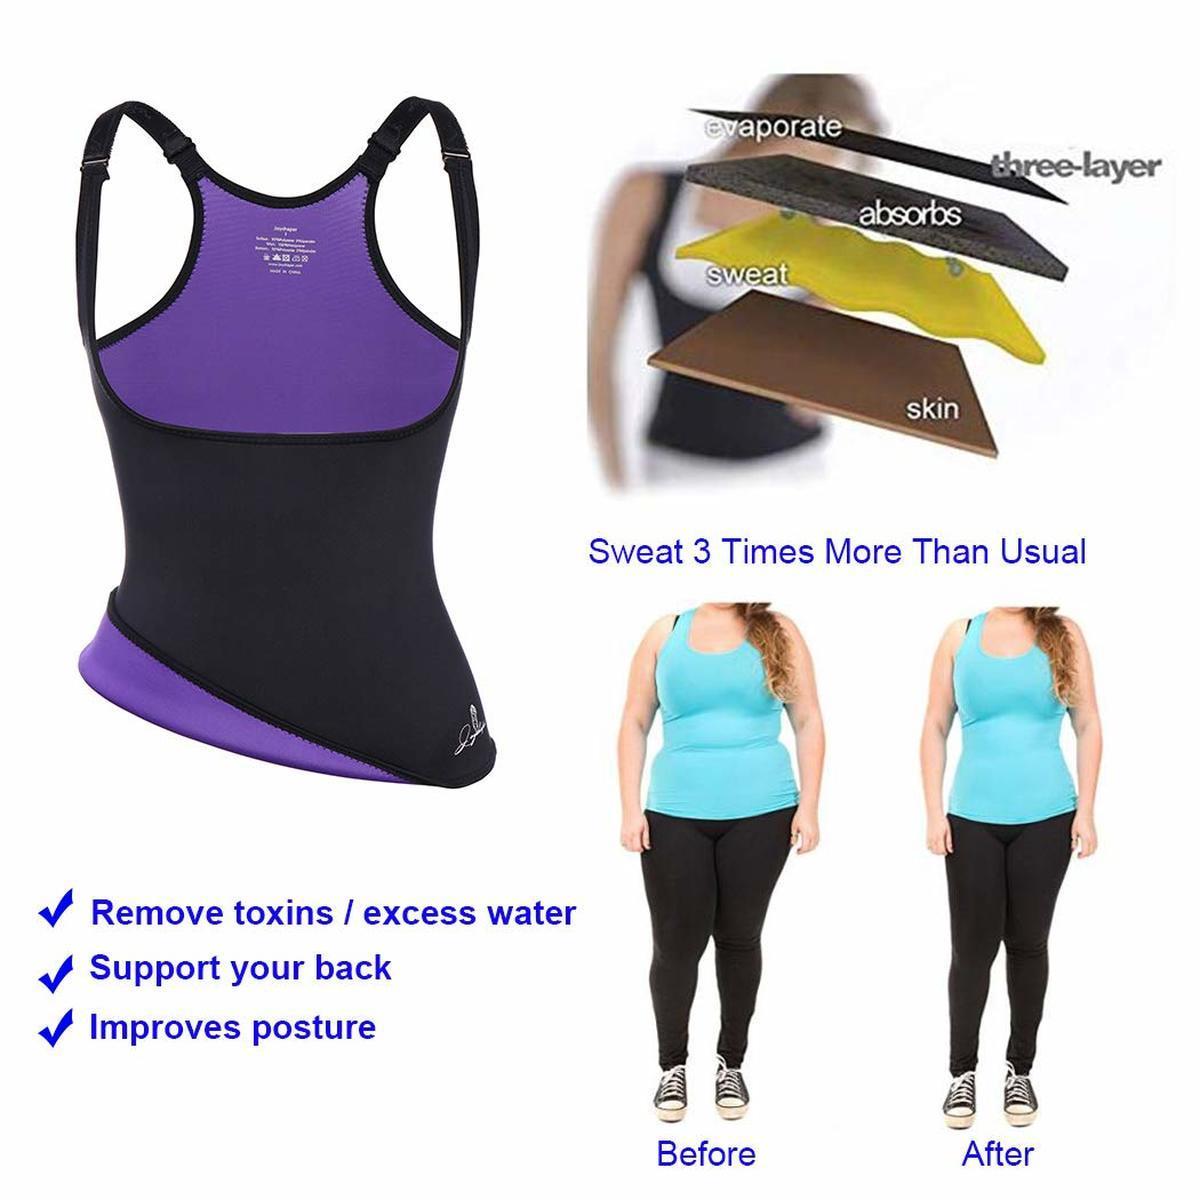 Joyshaper Neoprene Waist Trainer Body Shaper for Women Sweat Vest Corset Bust Support Shapewear Hot Slimming Sexy Bodysuit S-3XL